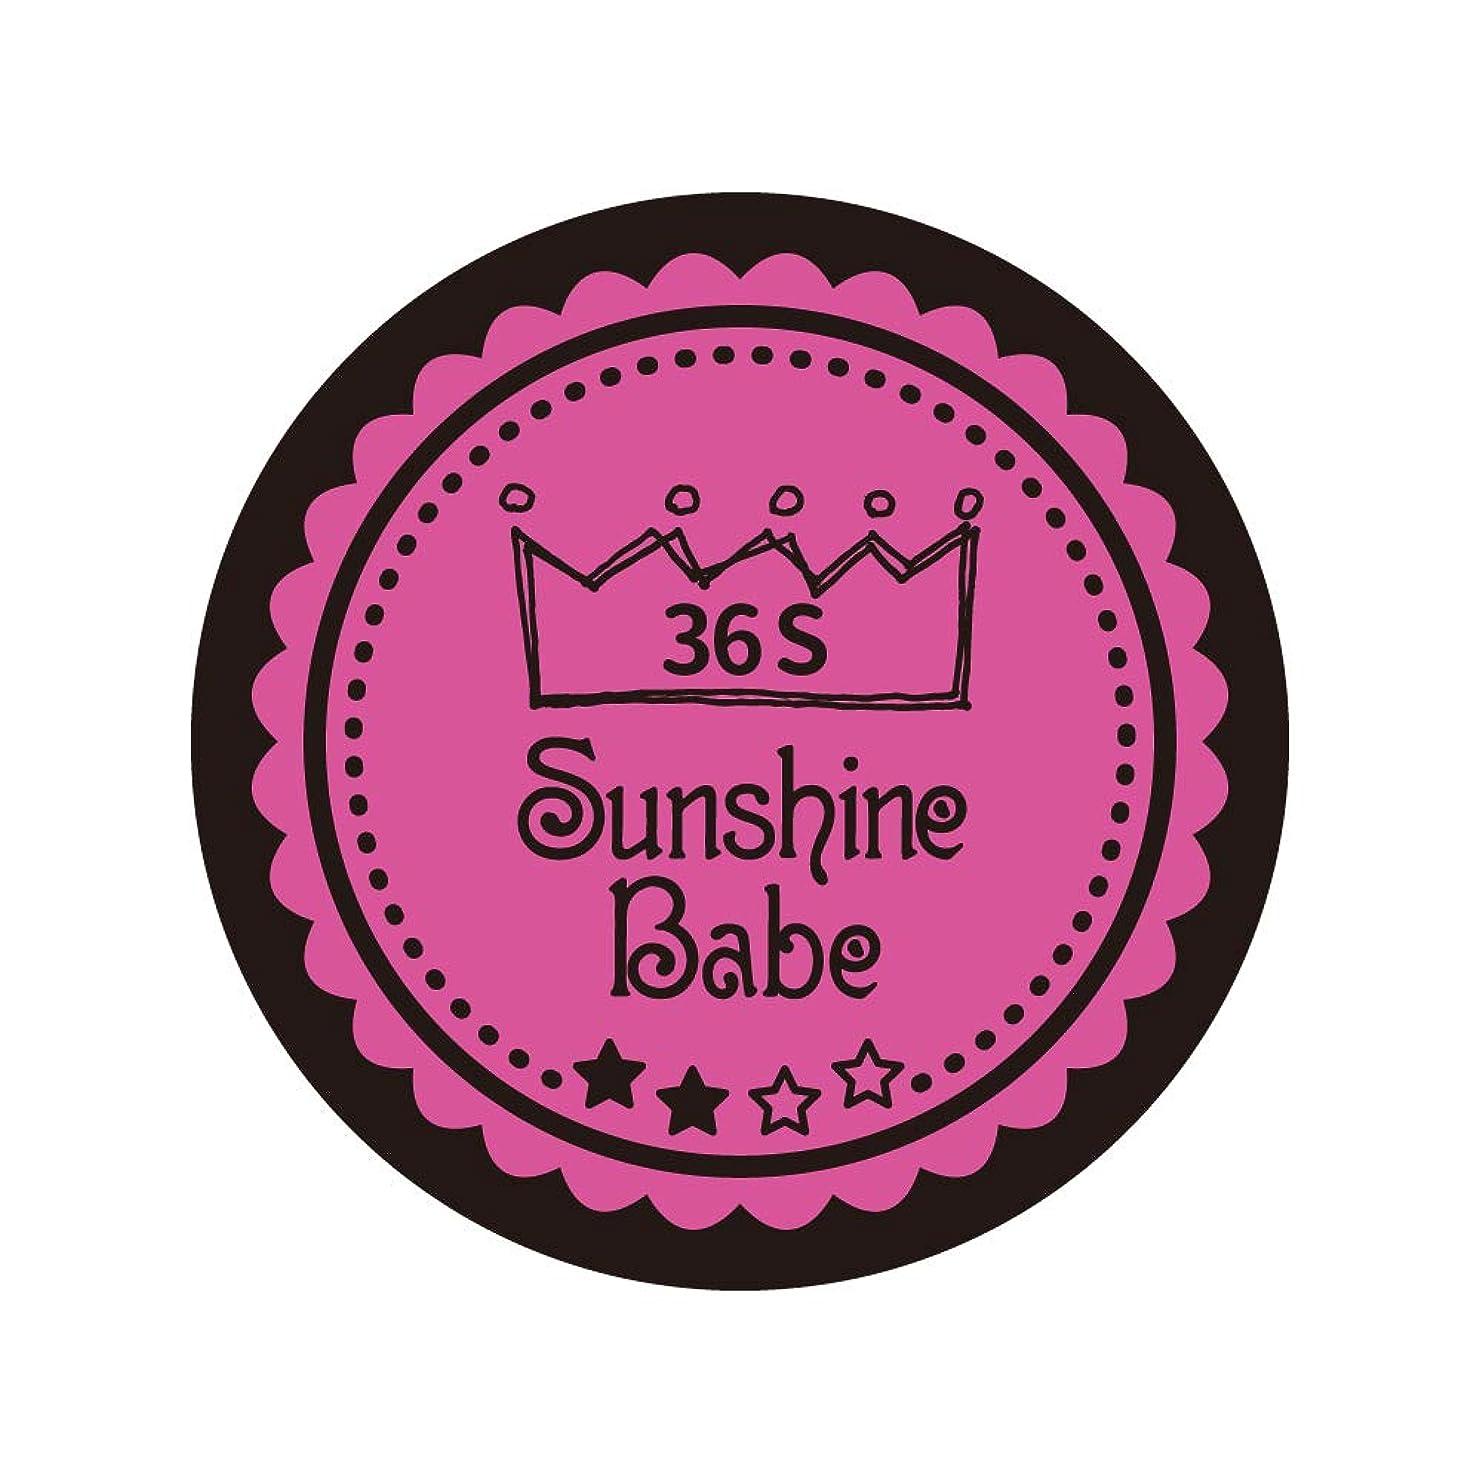 バスケットボール感嘆符アパートSunshine Babe カラージェル 36S クロッカスピンク 2.7g UV/LED対応